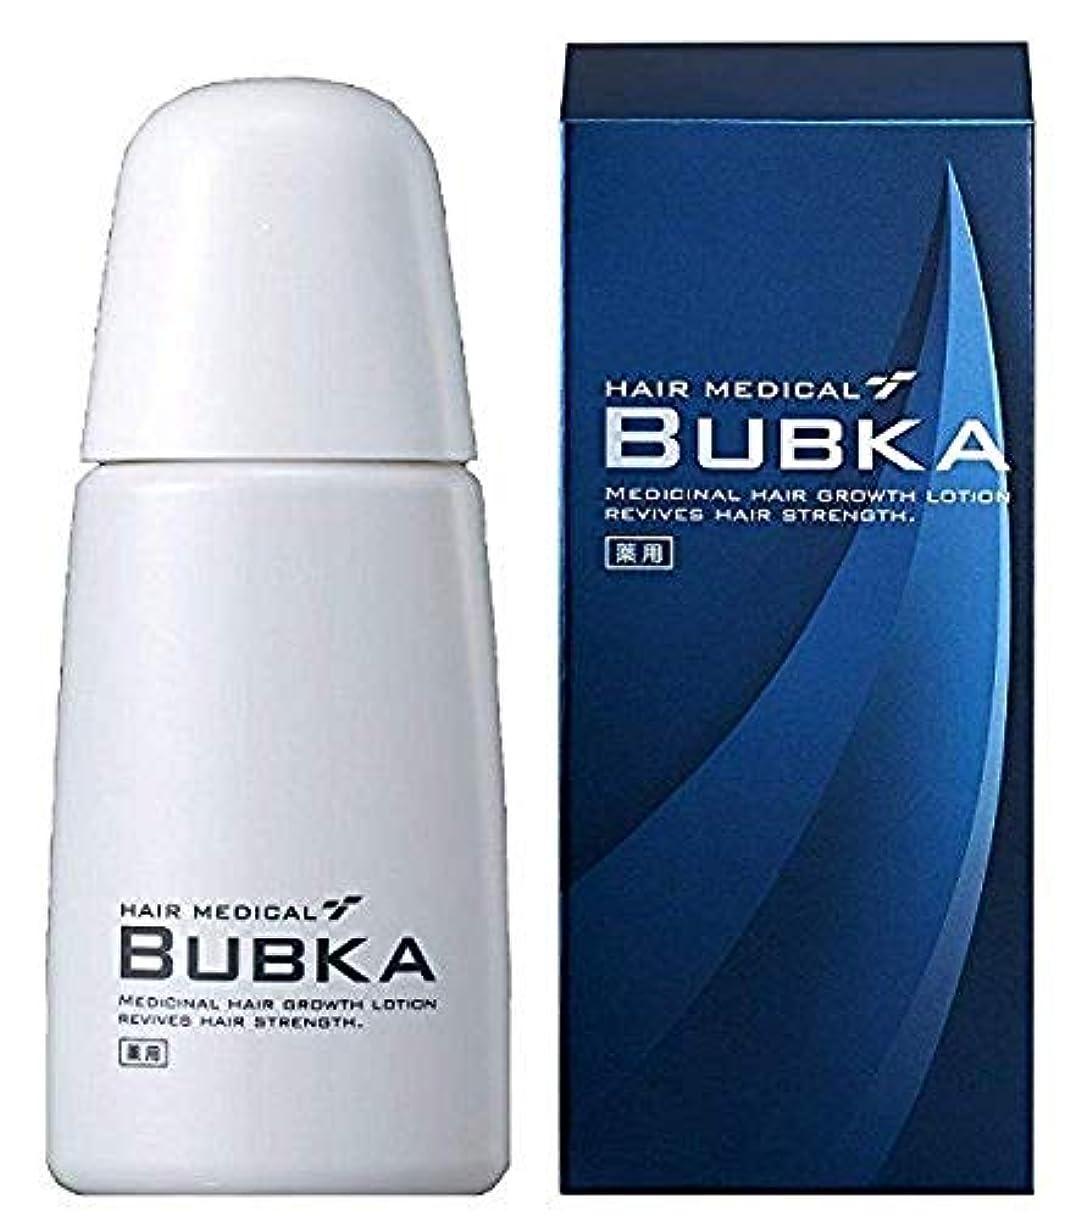 事実ビジョンその【BUBKA ブブカ 】新型 濃密育毛剤 ブブカ-003M (内容量:120ml 約1ヶ月分)(医薬部外品)